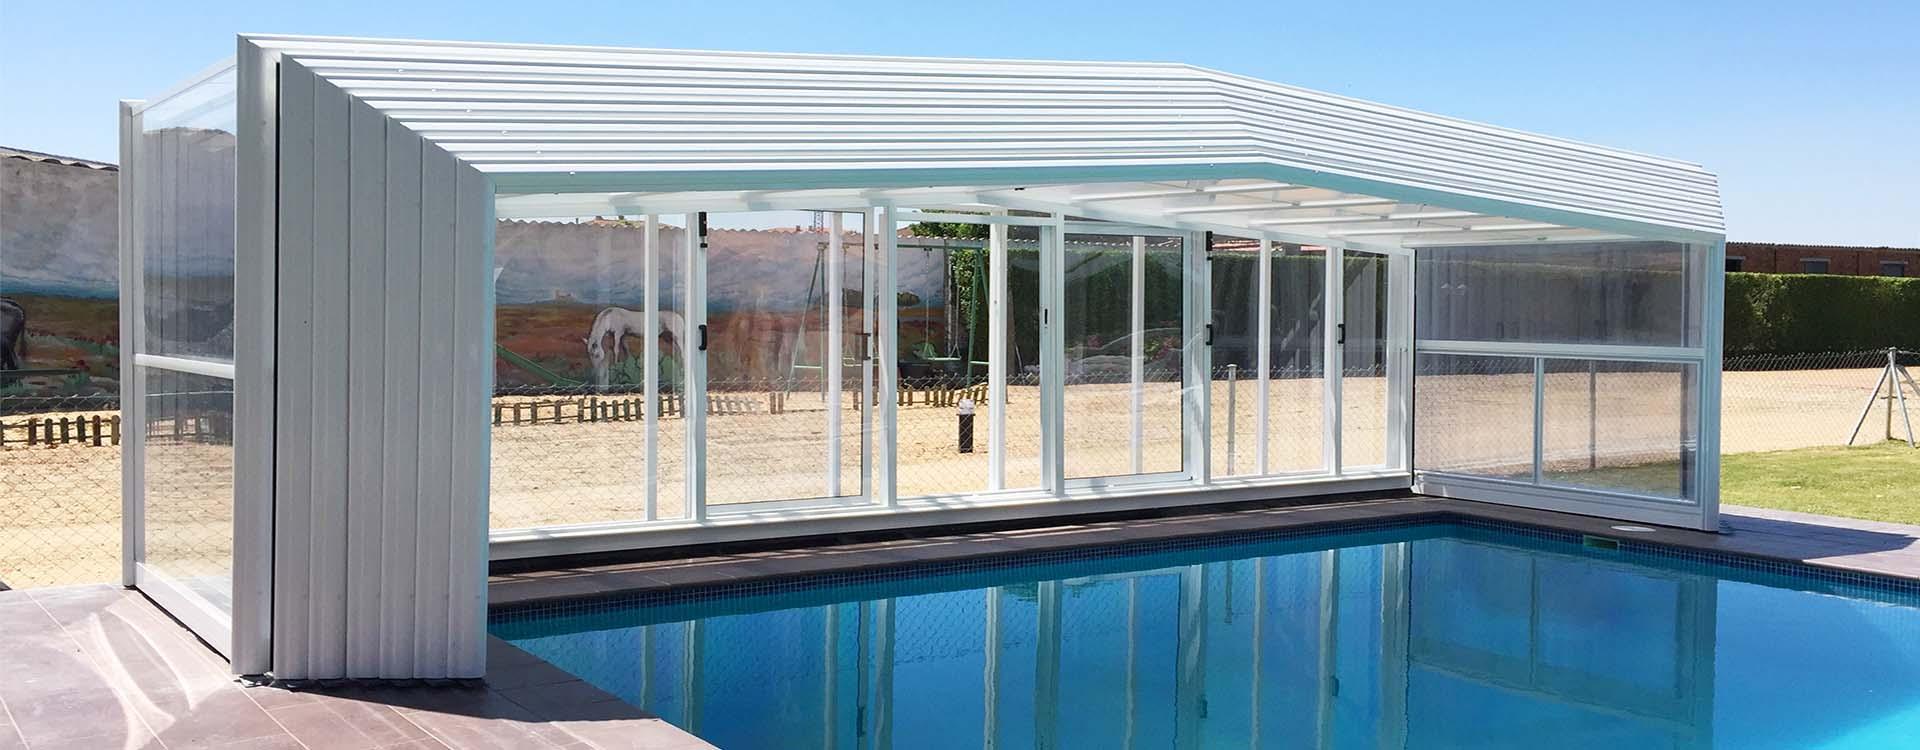 Cubiertas de piscinas y cerramientos modelos 2018 calidad for Fotos de piscinas cubiertas